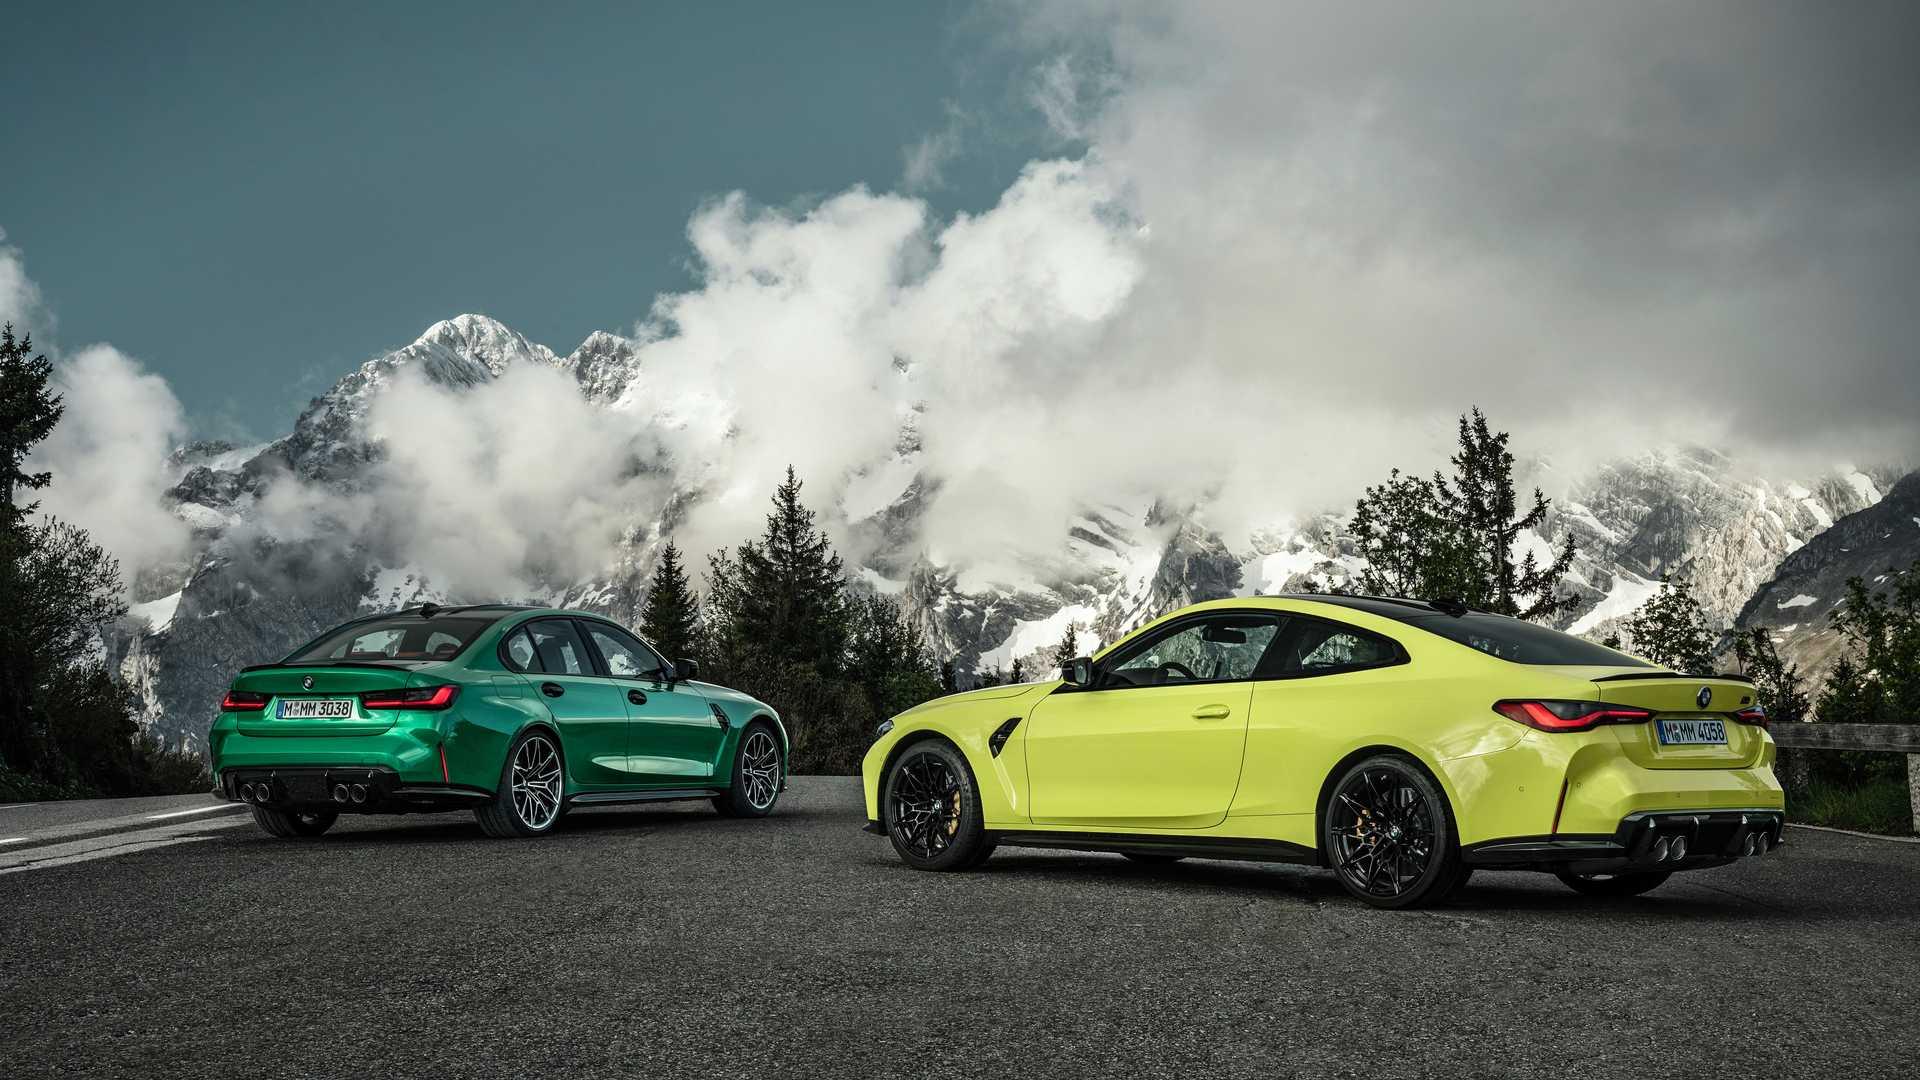 2021 BMW M3 vs M4